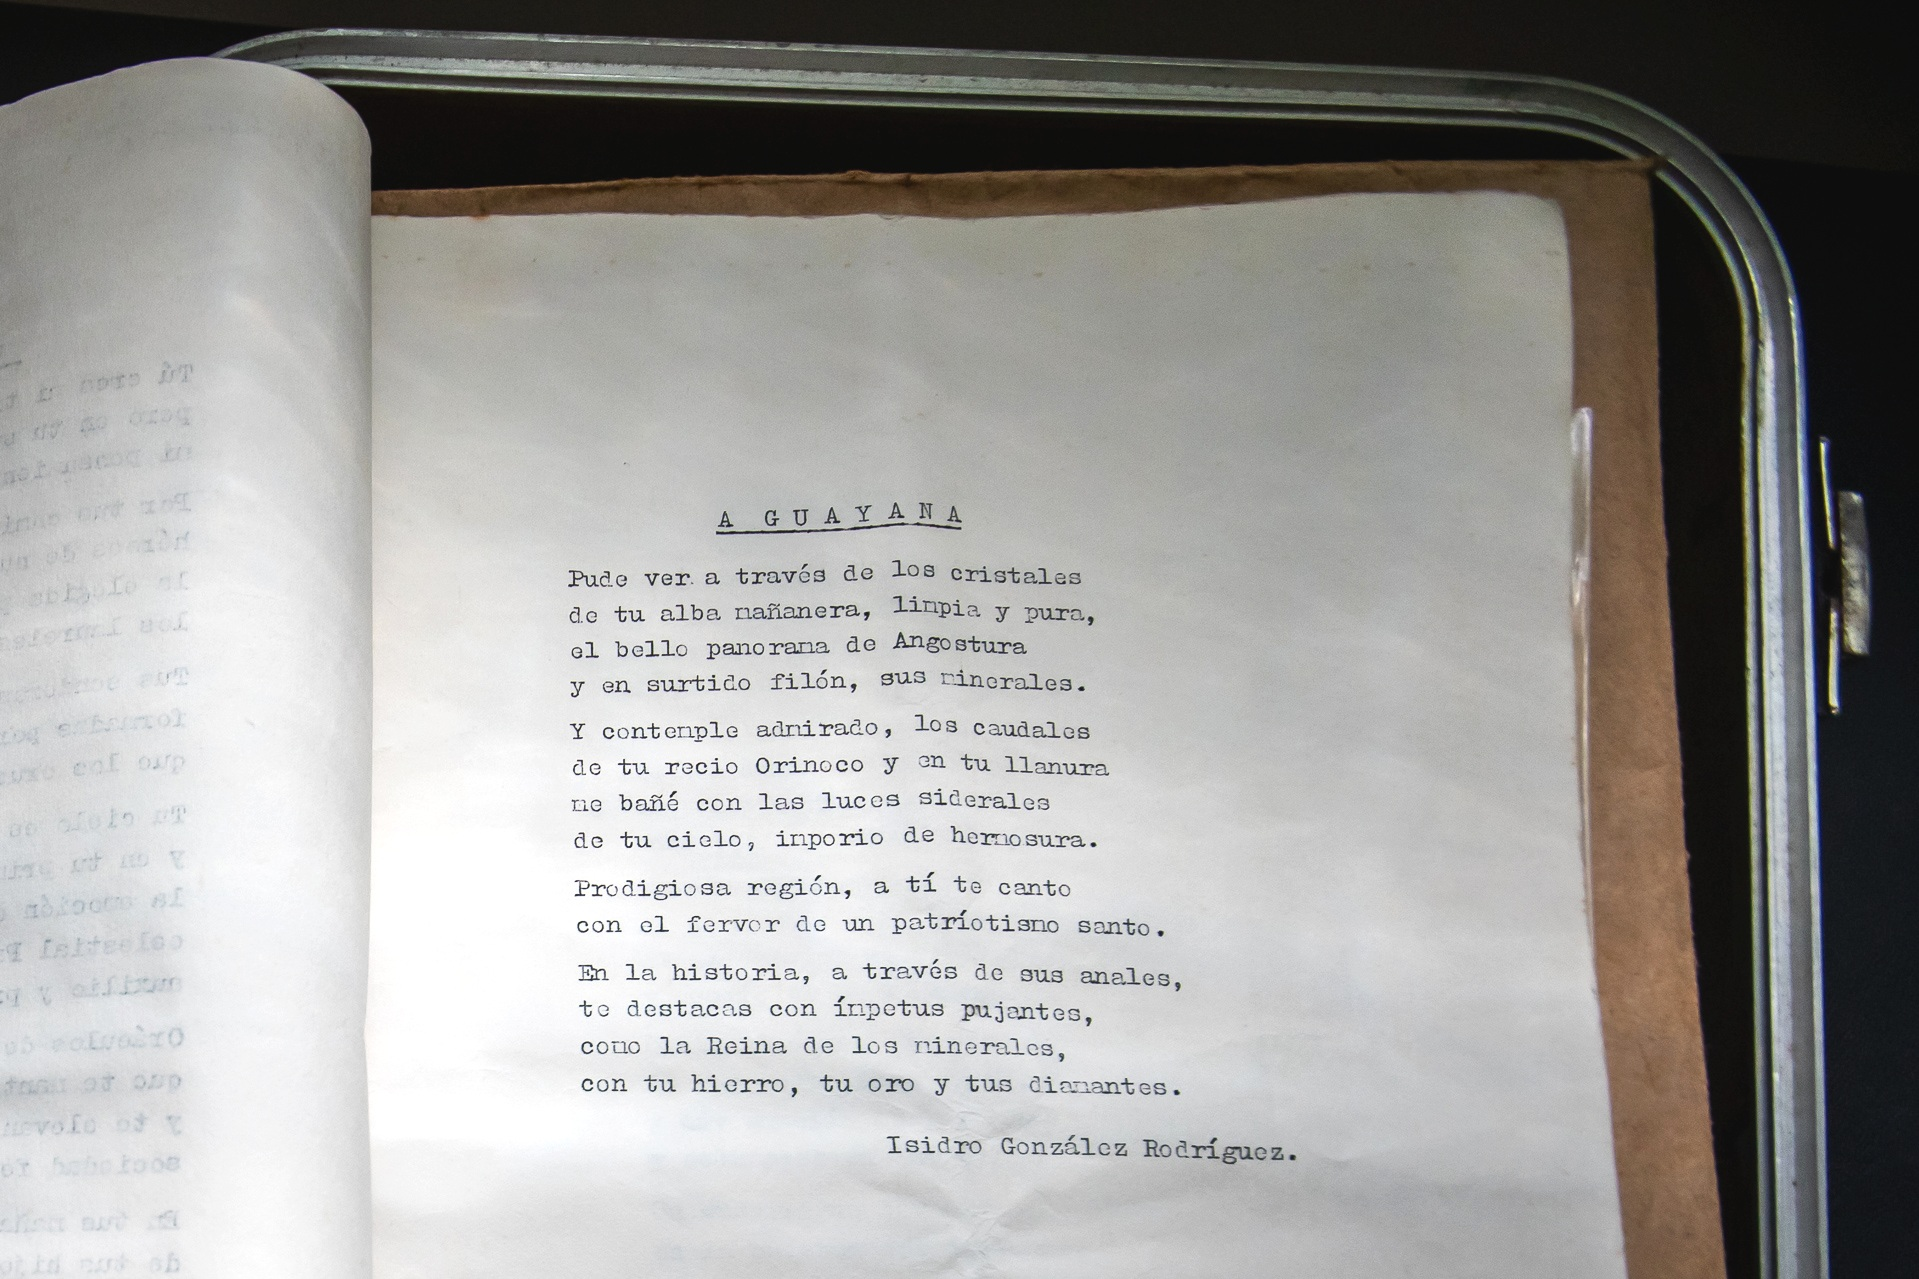 """Figure 3 - """"A Guayana"""" written by Isidro González Rodríguez"""